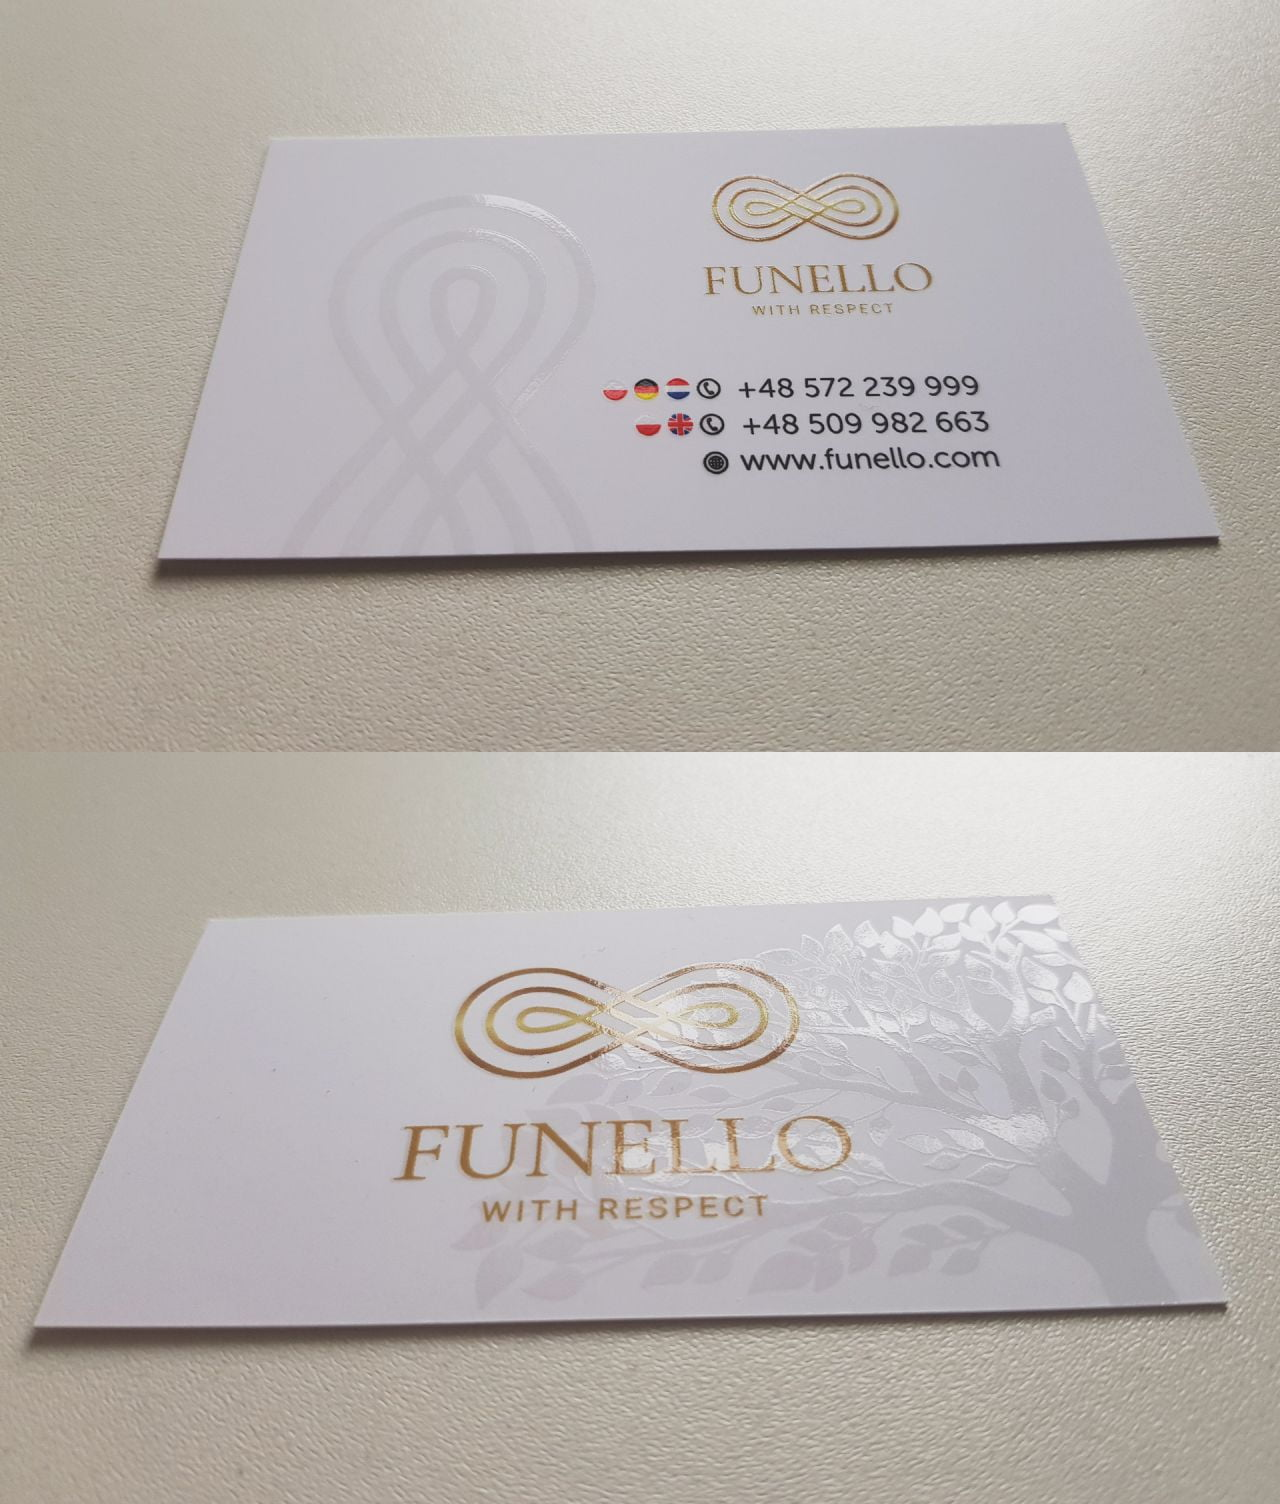 wizytówki uv z logo Funello